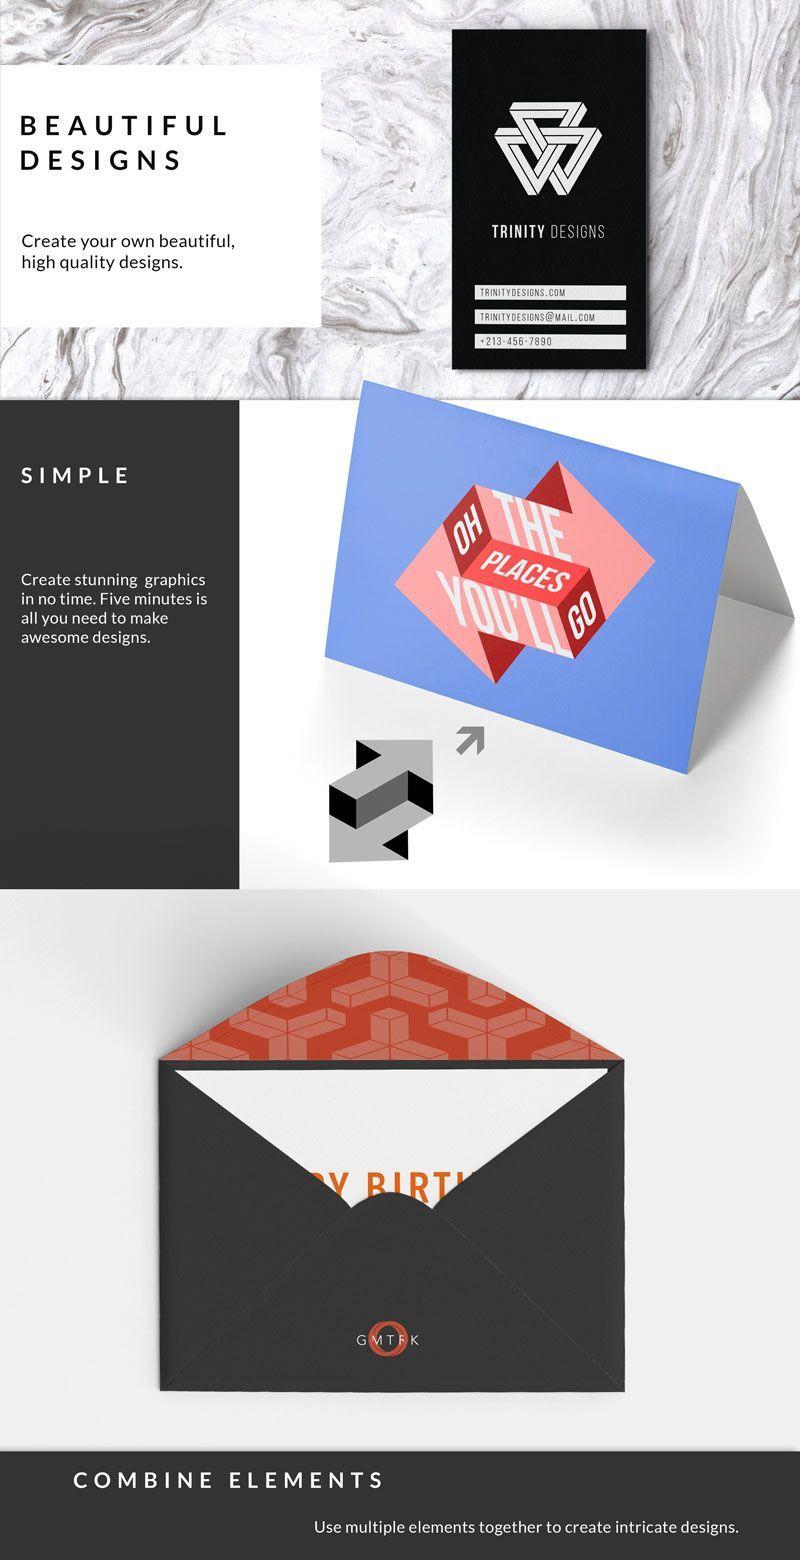 دانلود مجموعه طرح گرافیکی با هندسی غیرممکنcreativemarket impossible geometry graphics template